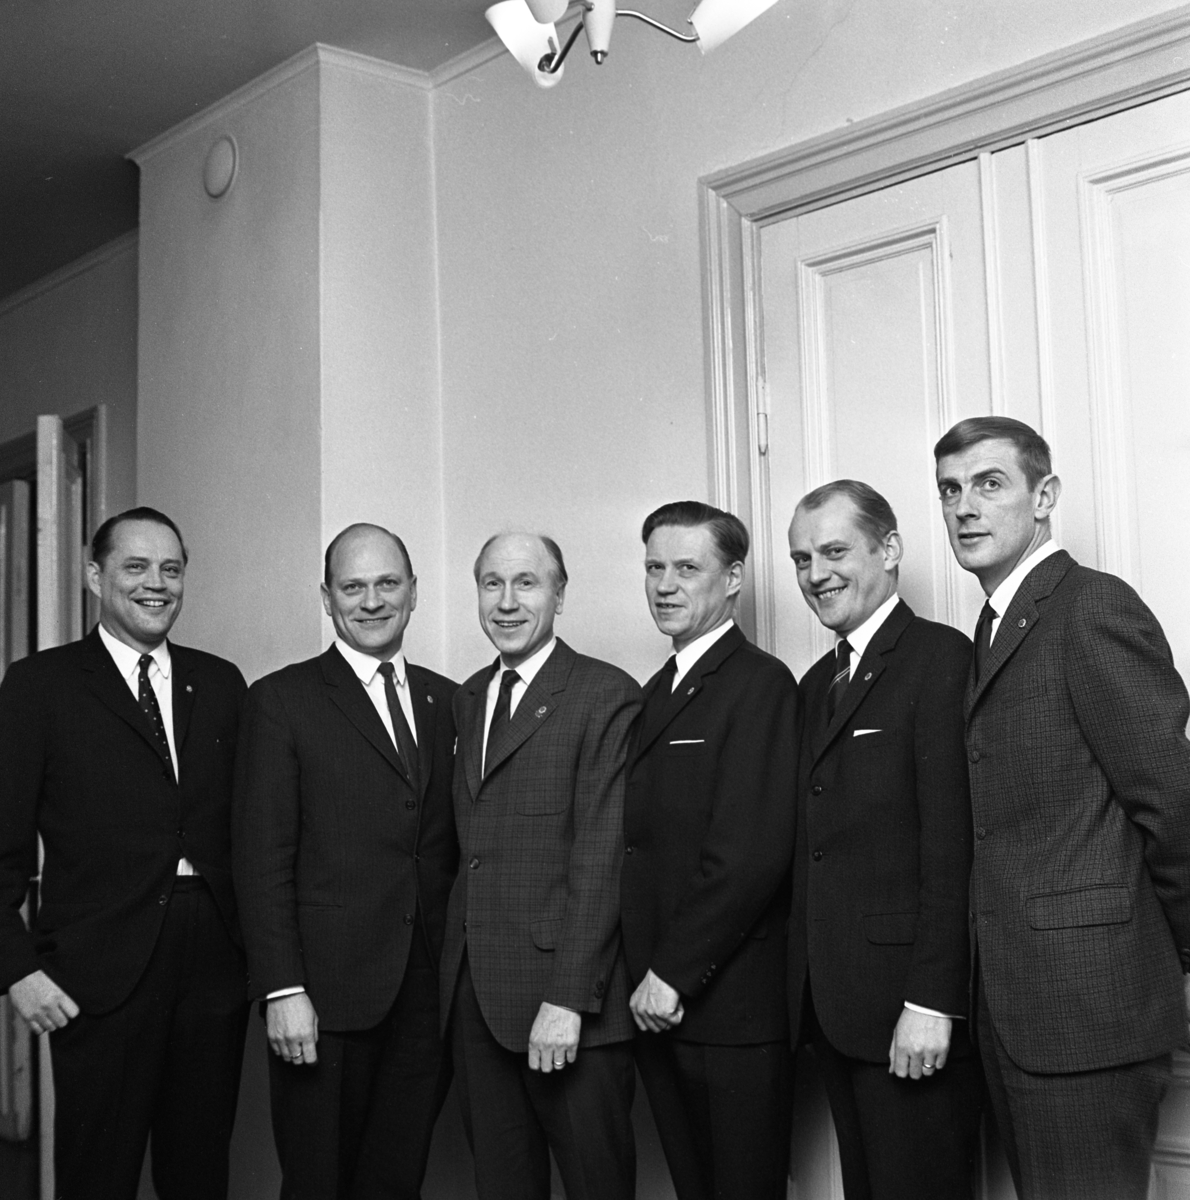 Lions Club Från vänster: Stjernström, Lars David Hamrelius, Lars Erjö, Wallström, Munkberg, Ingvar Lindgren